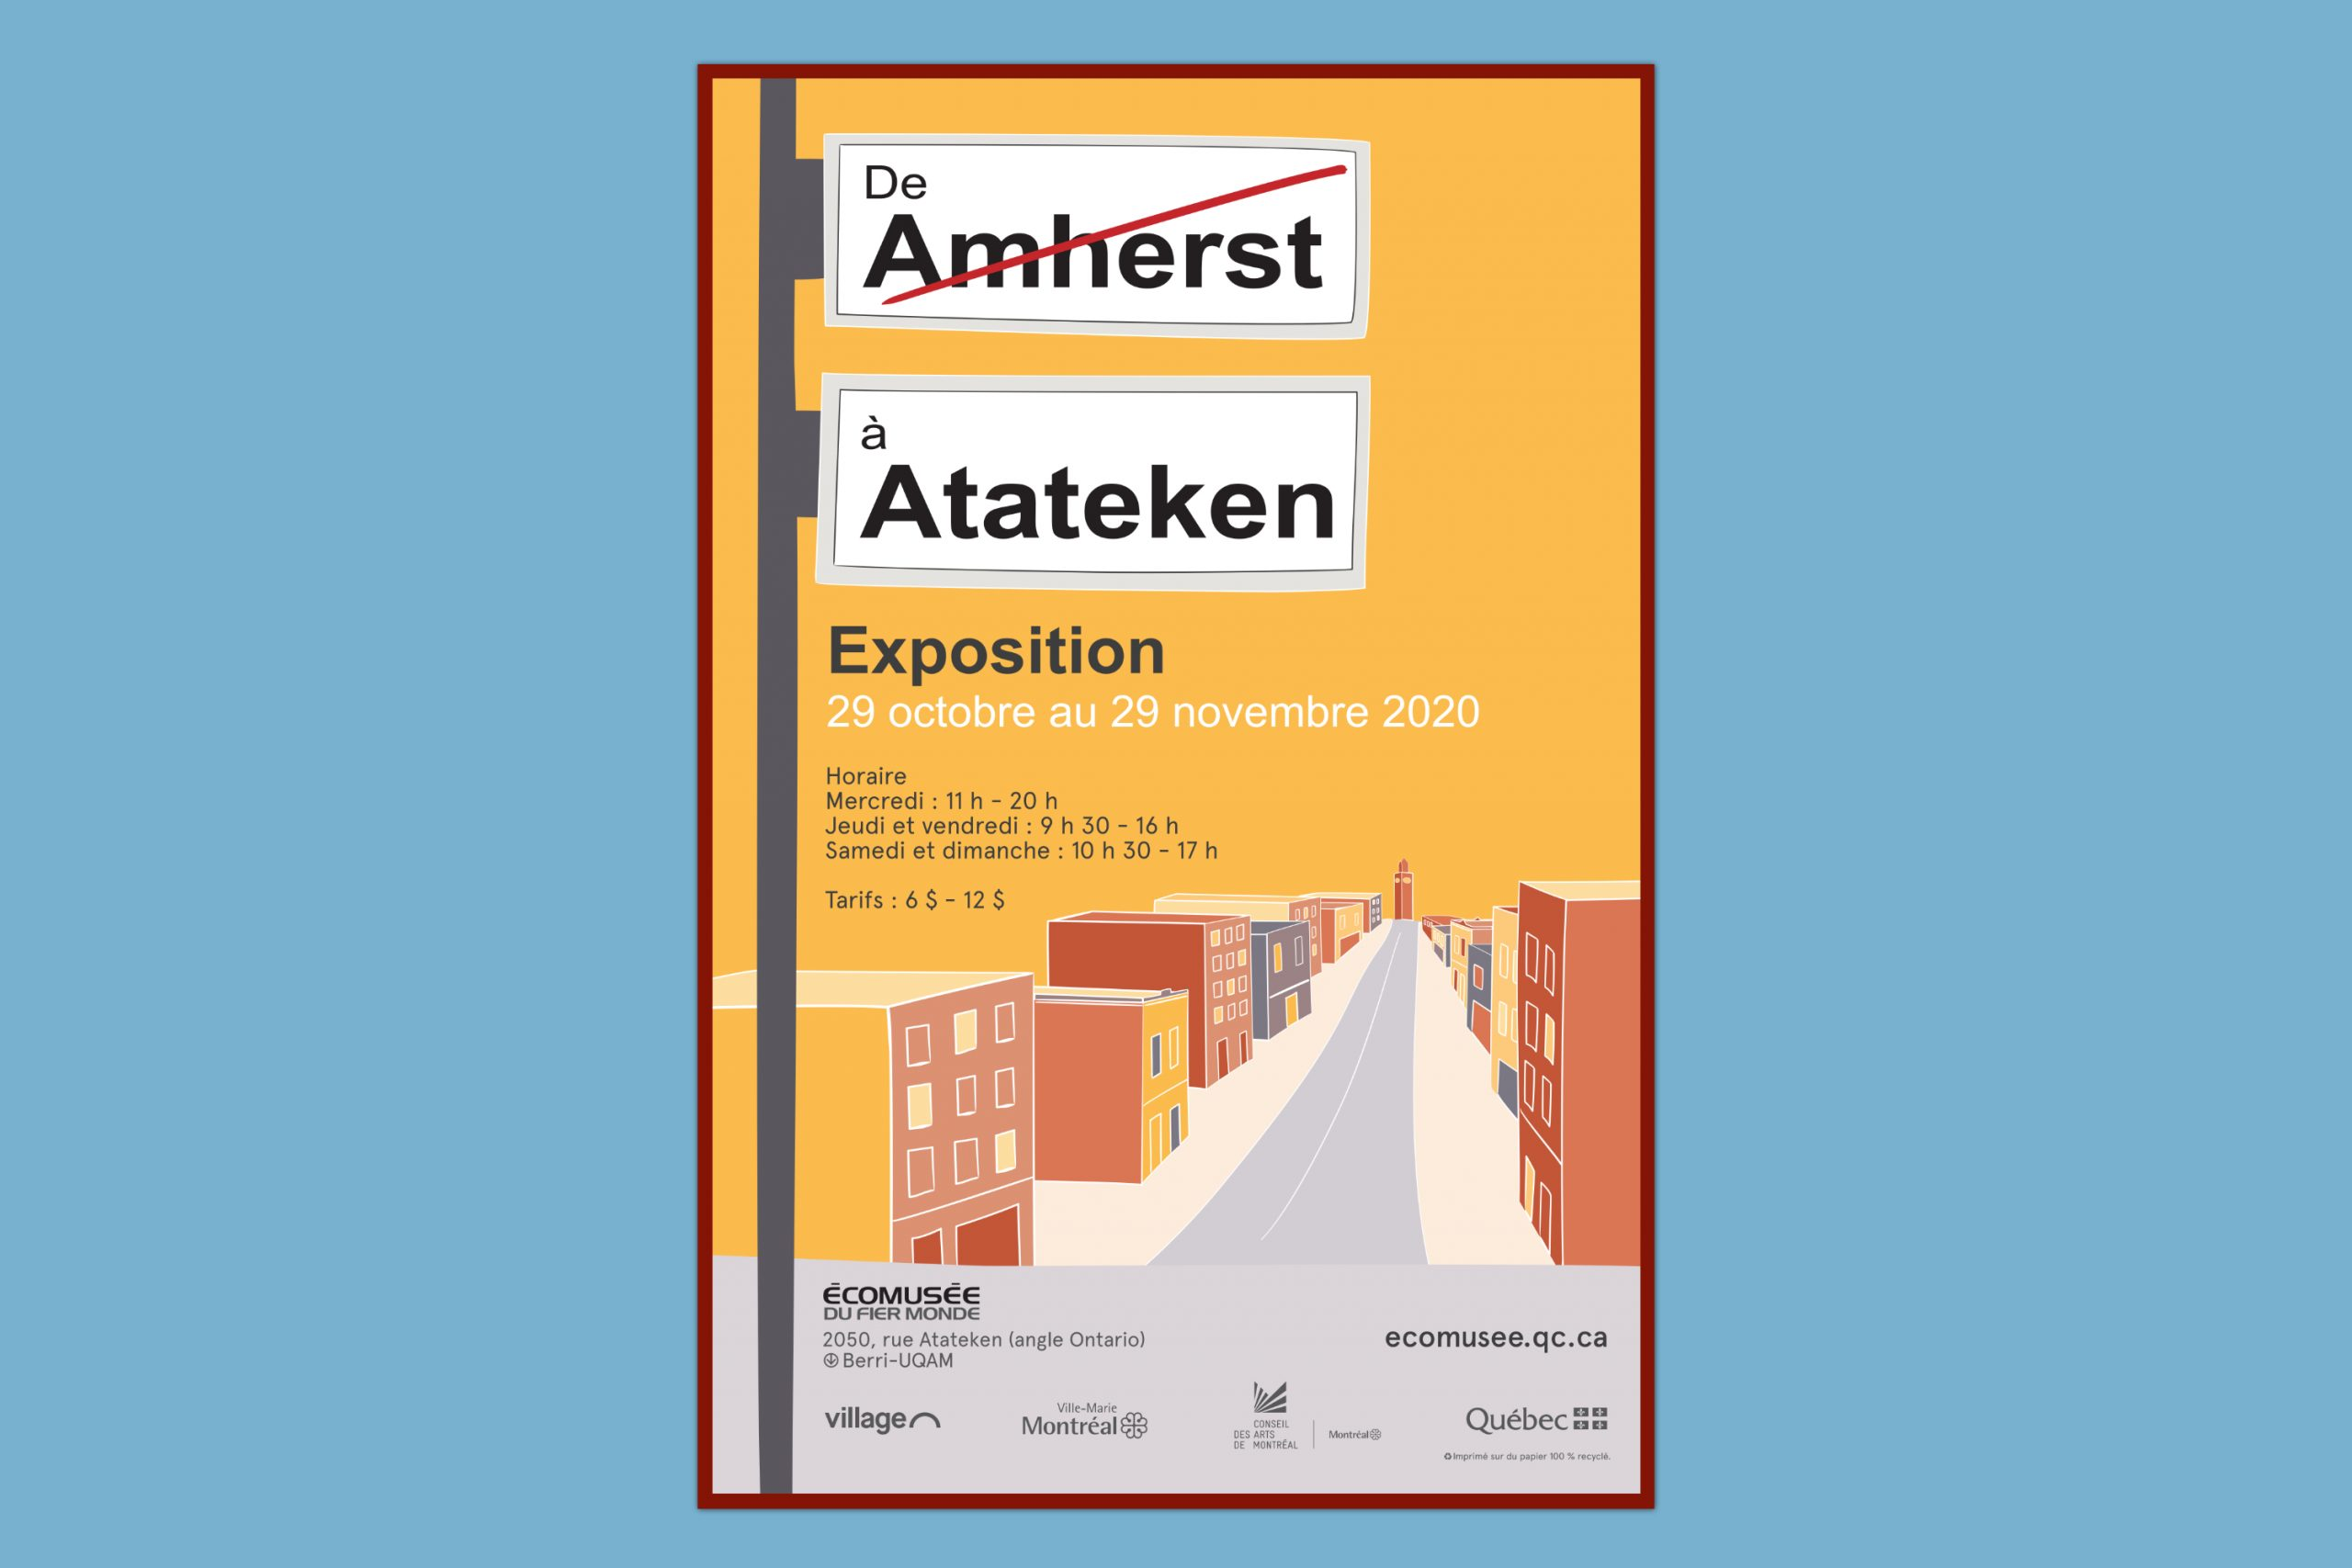 Mailys ORY - Graphiste | De Amherst à Atateken - Affiche